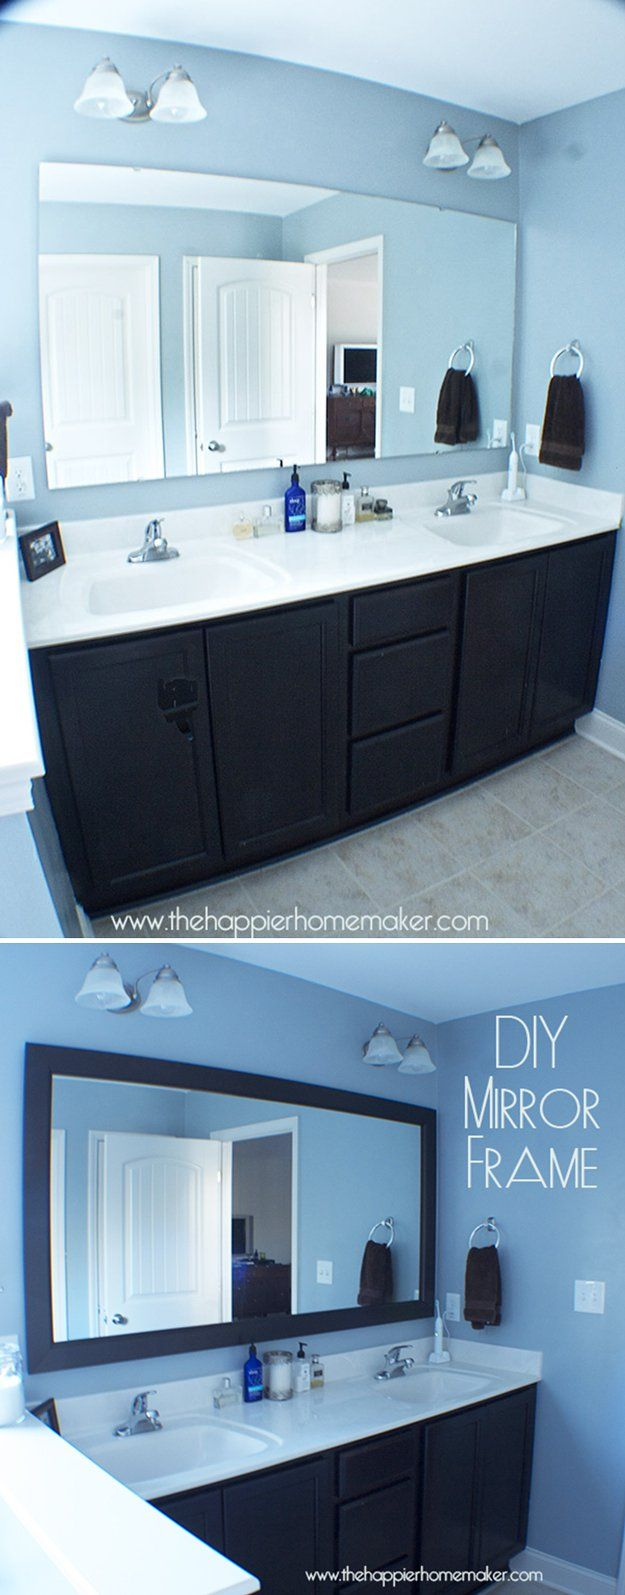 Baño Decoración con espejo Marcos | http: //artesaniasdebricolaje.ru/bathroom-decorating-ideas-on-a-budget/